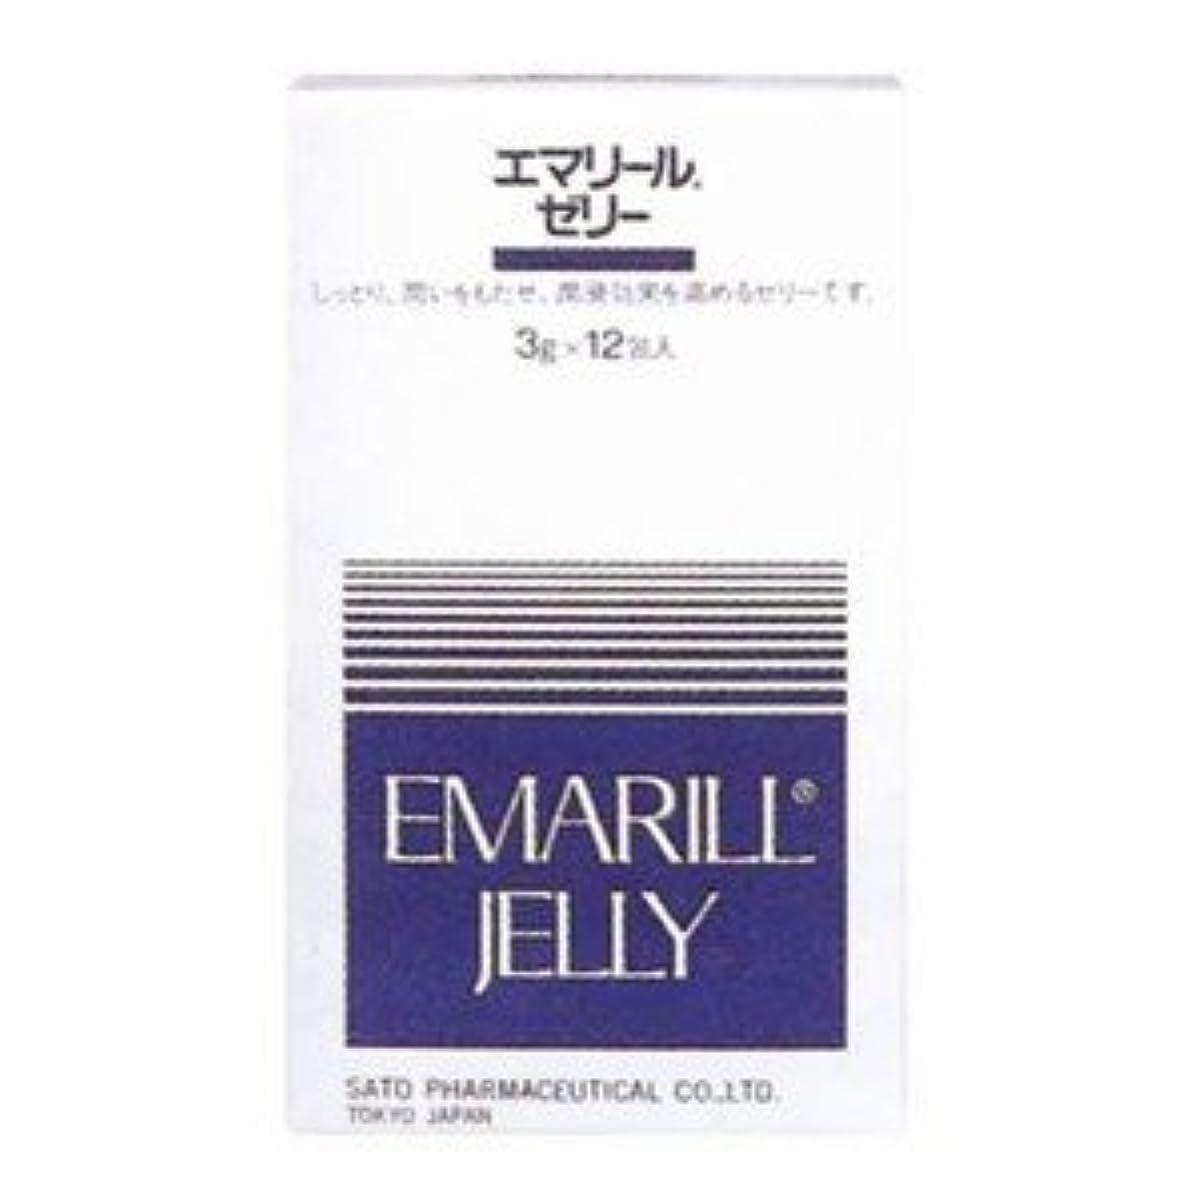 非公式旋律的悲観主義者【佐藤製薬】エマリール ゼリー 3g×12包